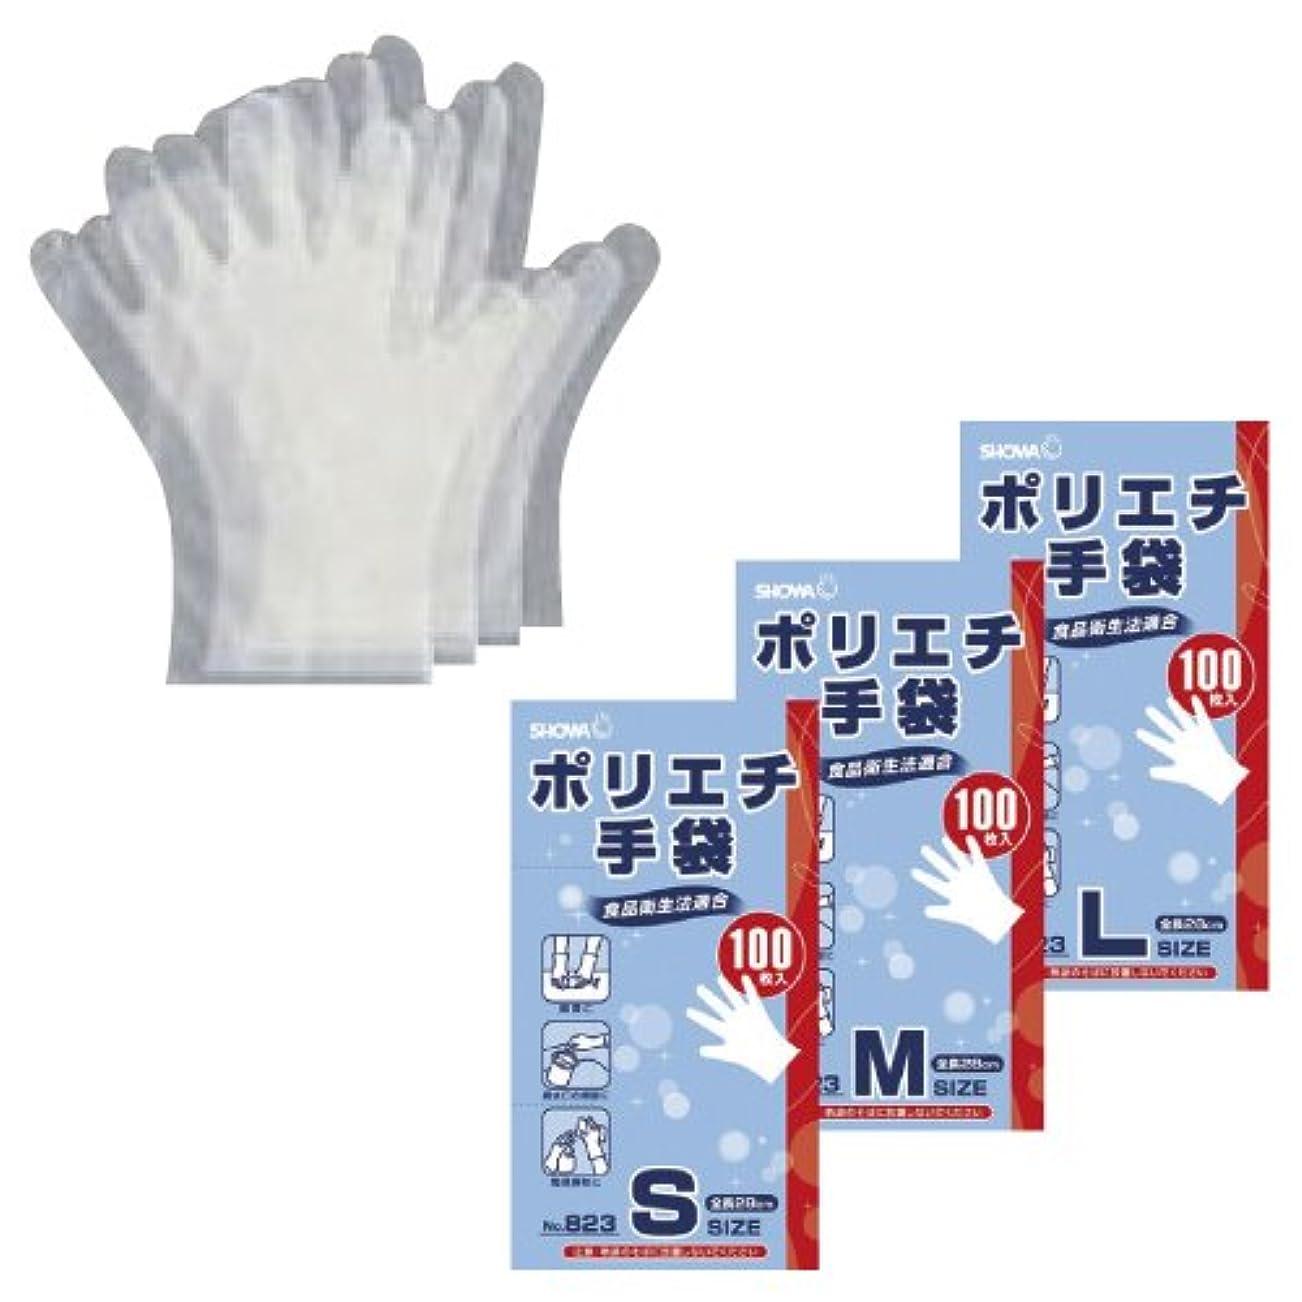 プロフィール細分化する確認してくださいポリエチ手袋(半透明) NO.823(L)100????????????(23-7247-02)